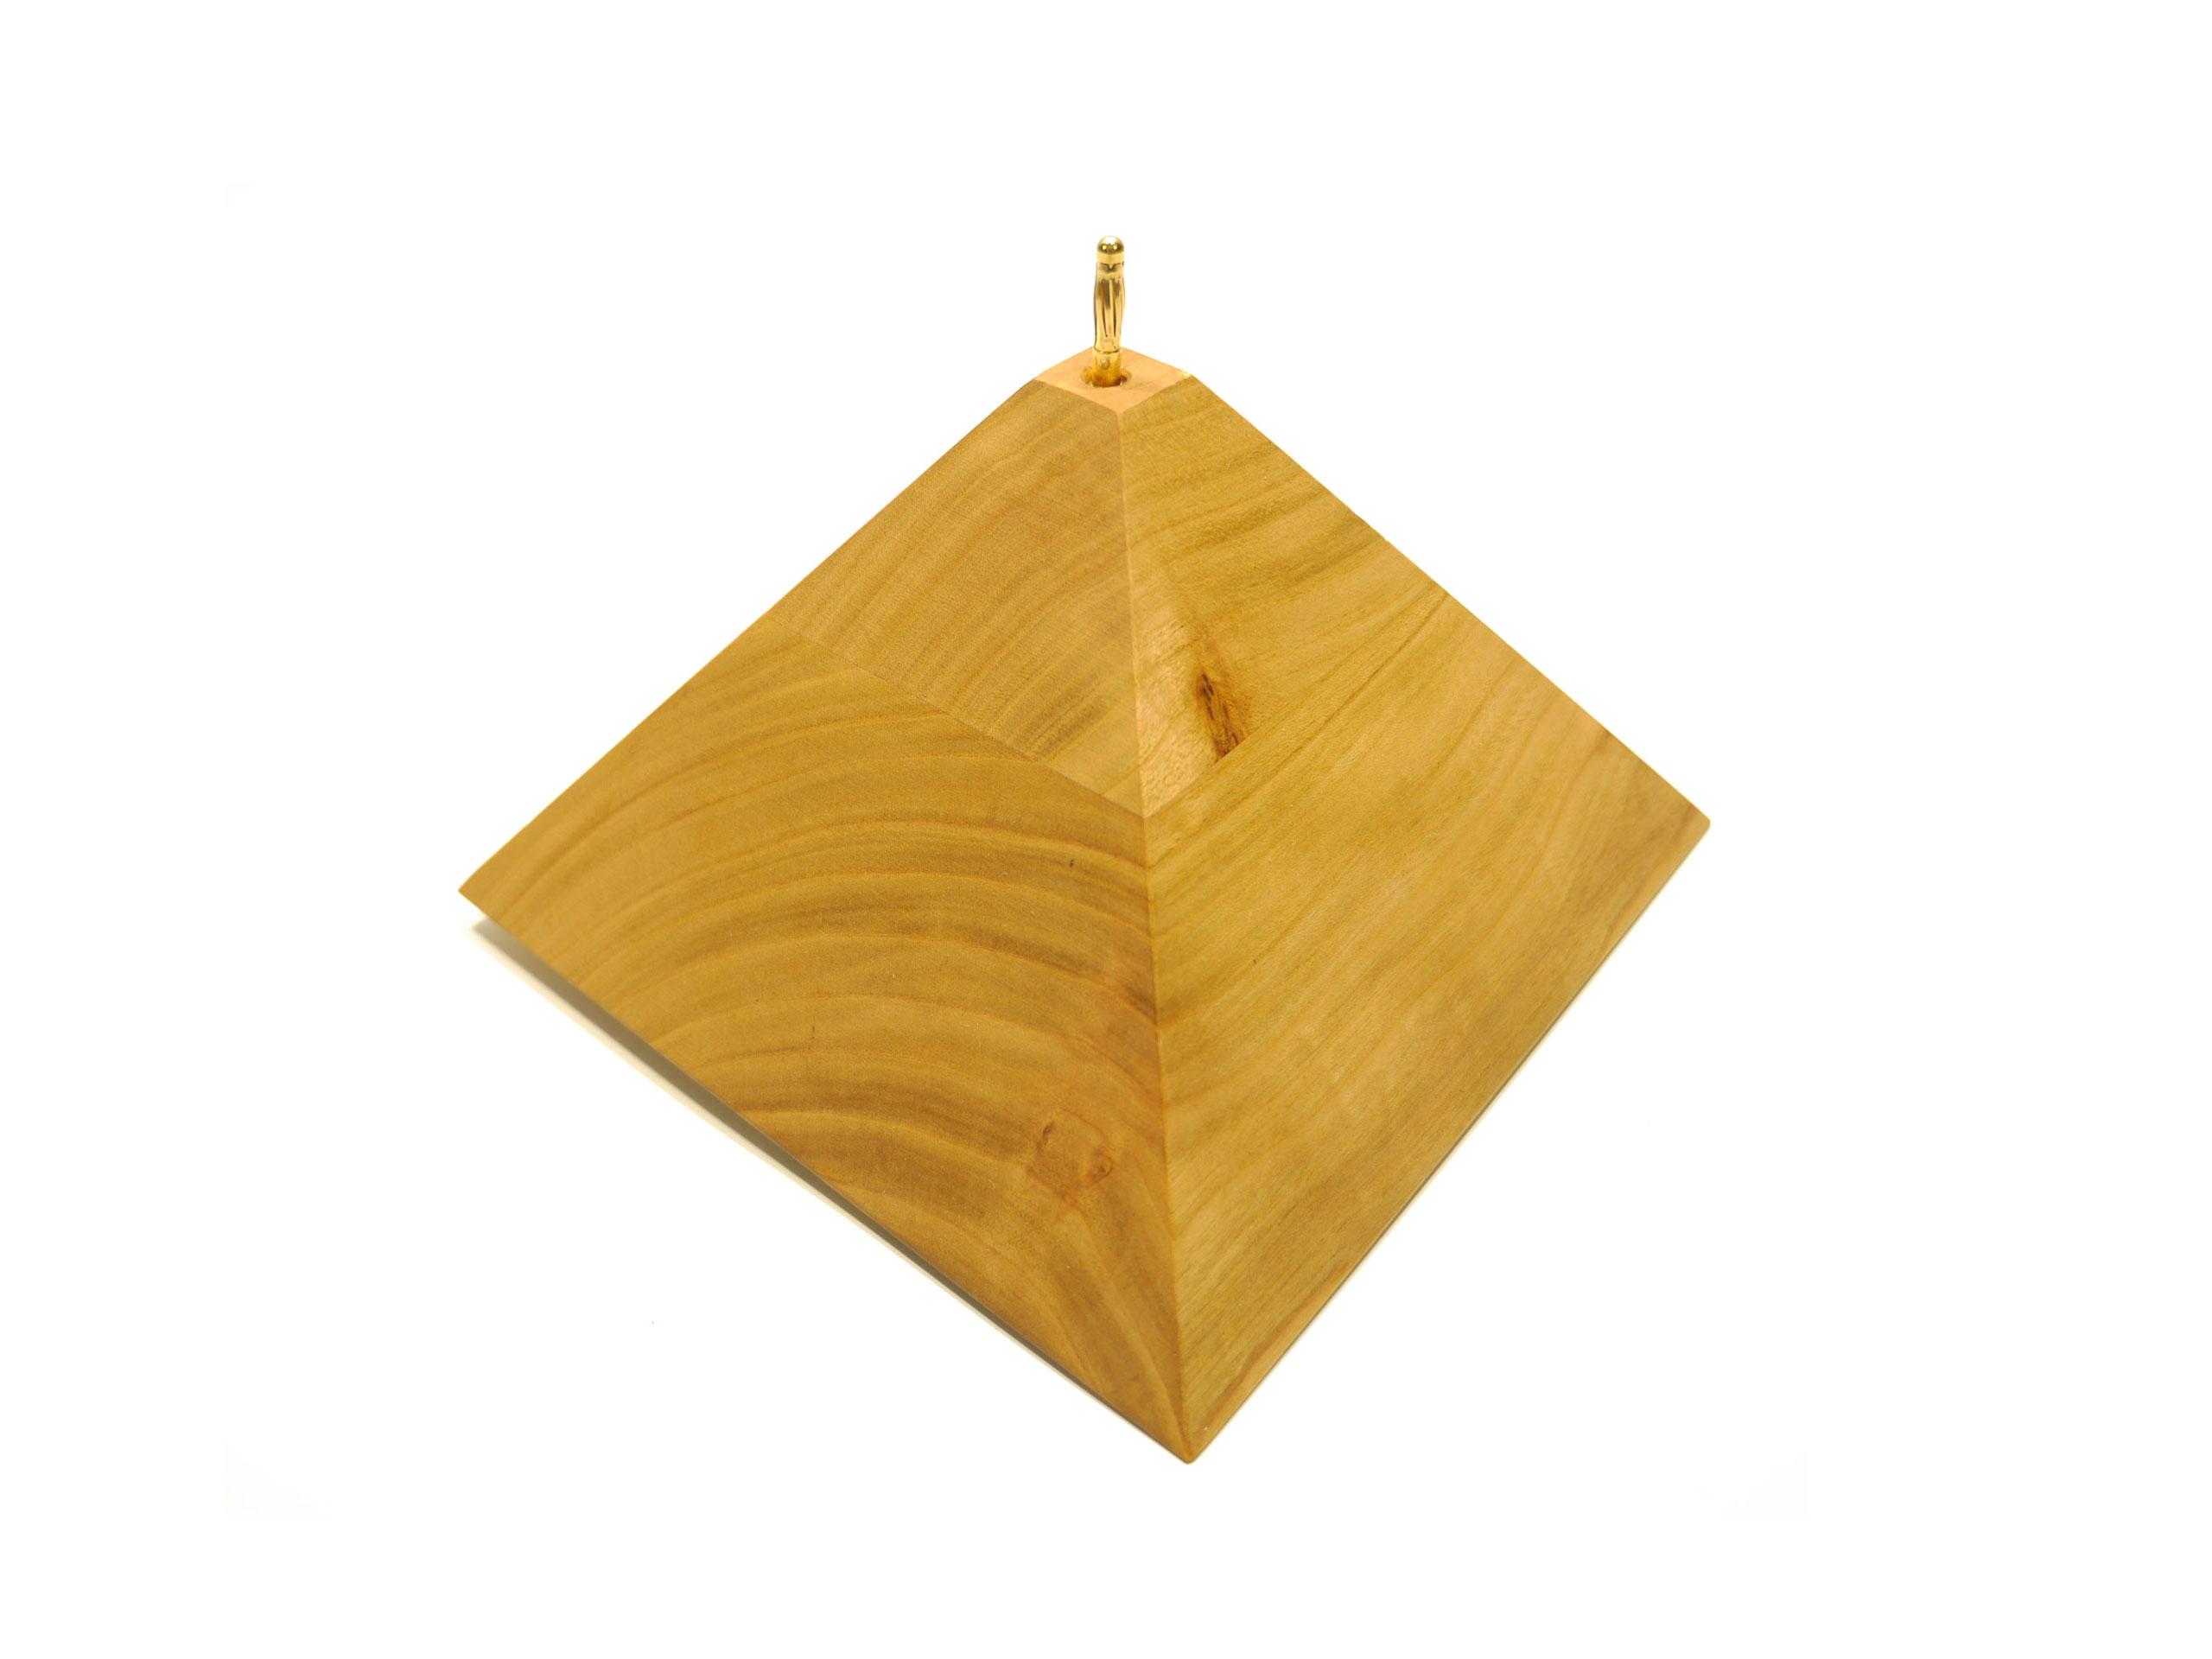 Rutenpyramidenständer